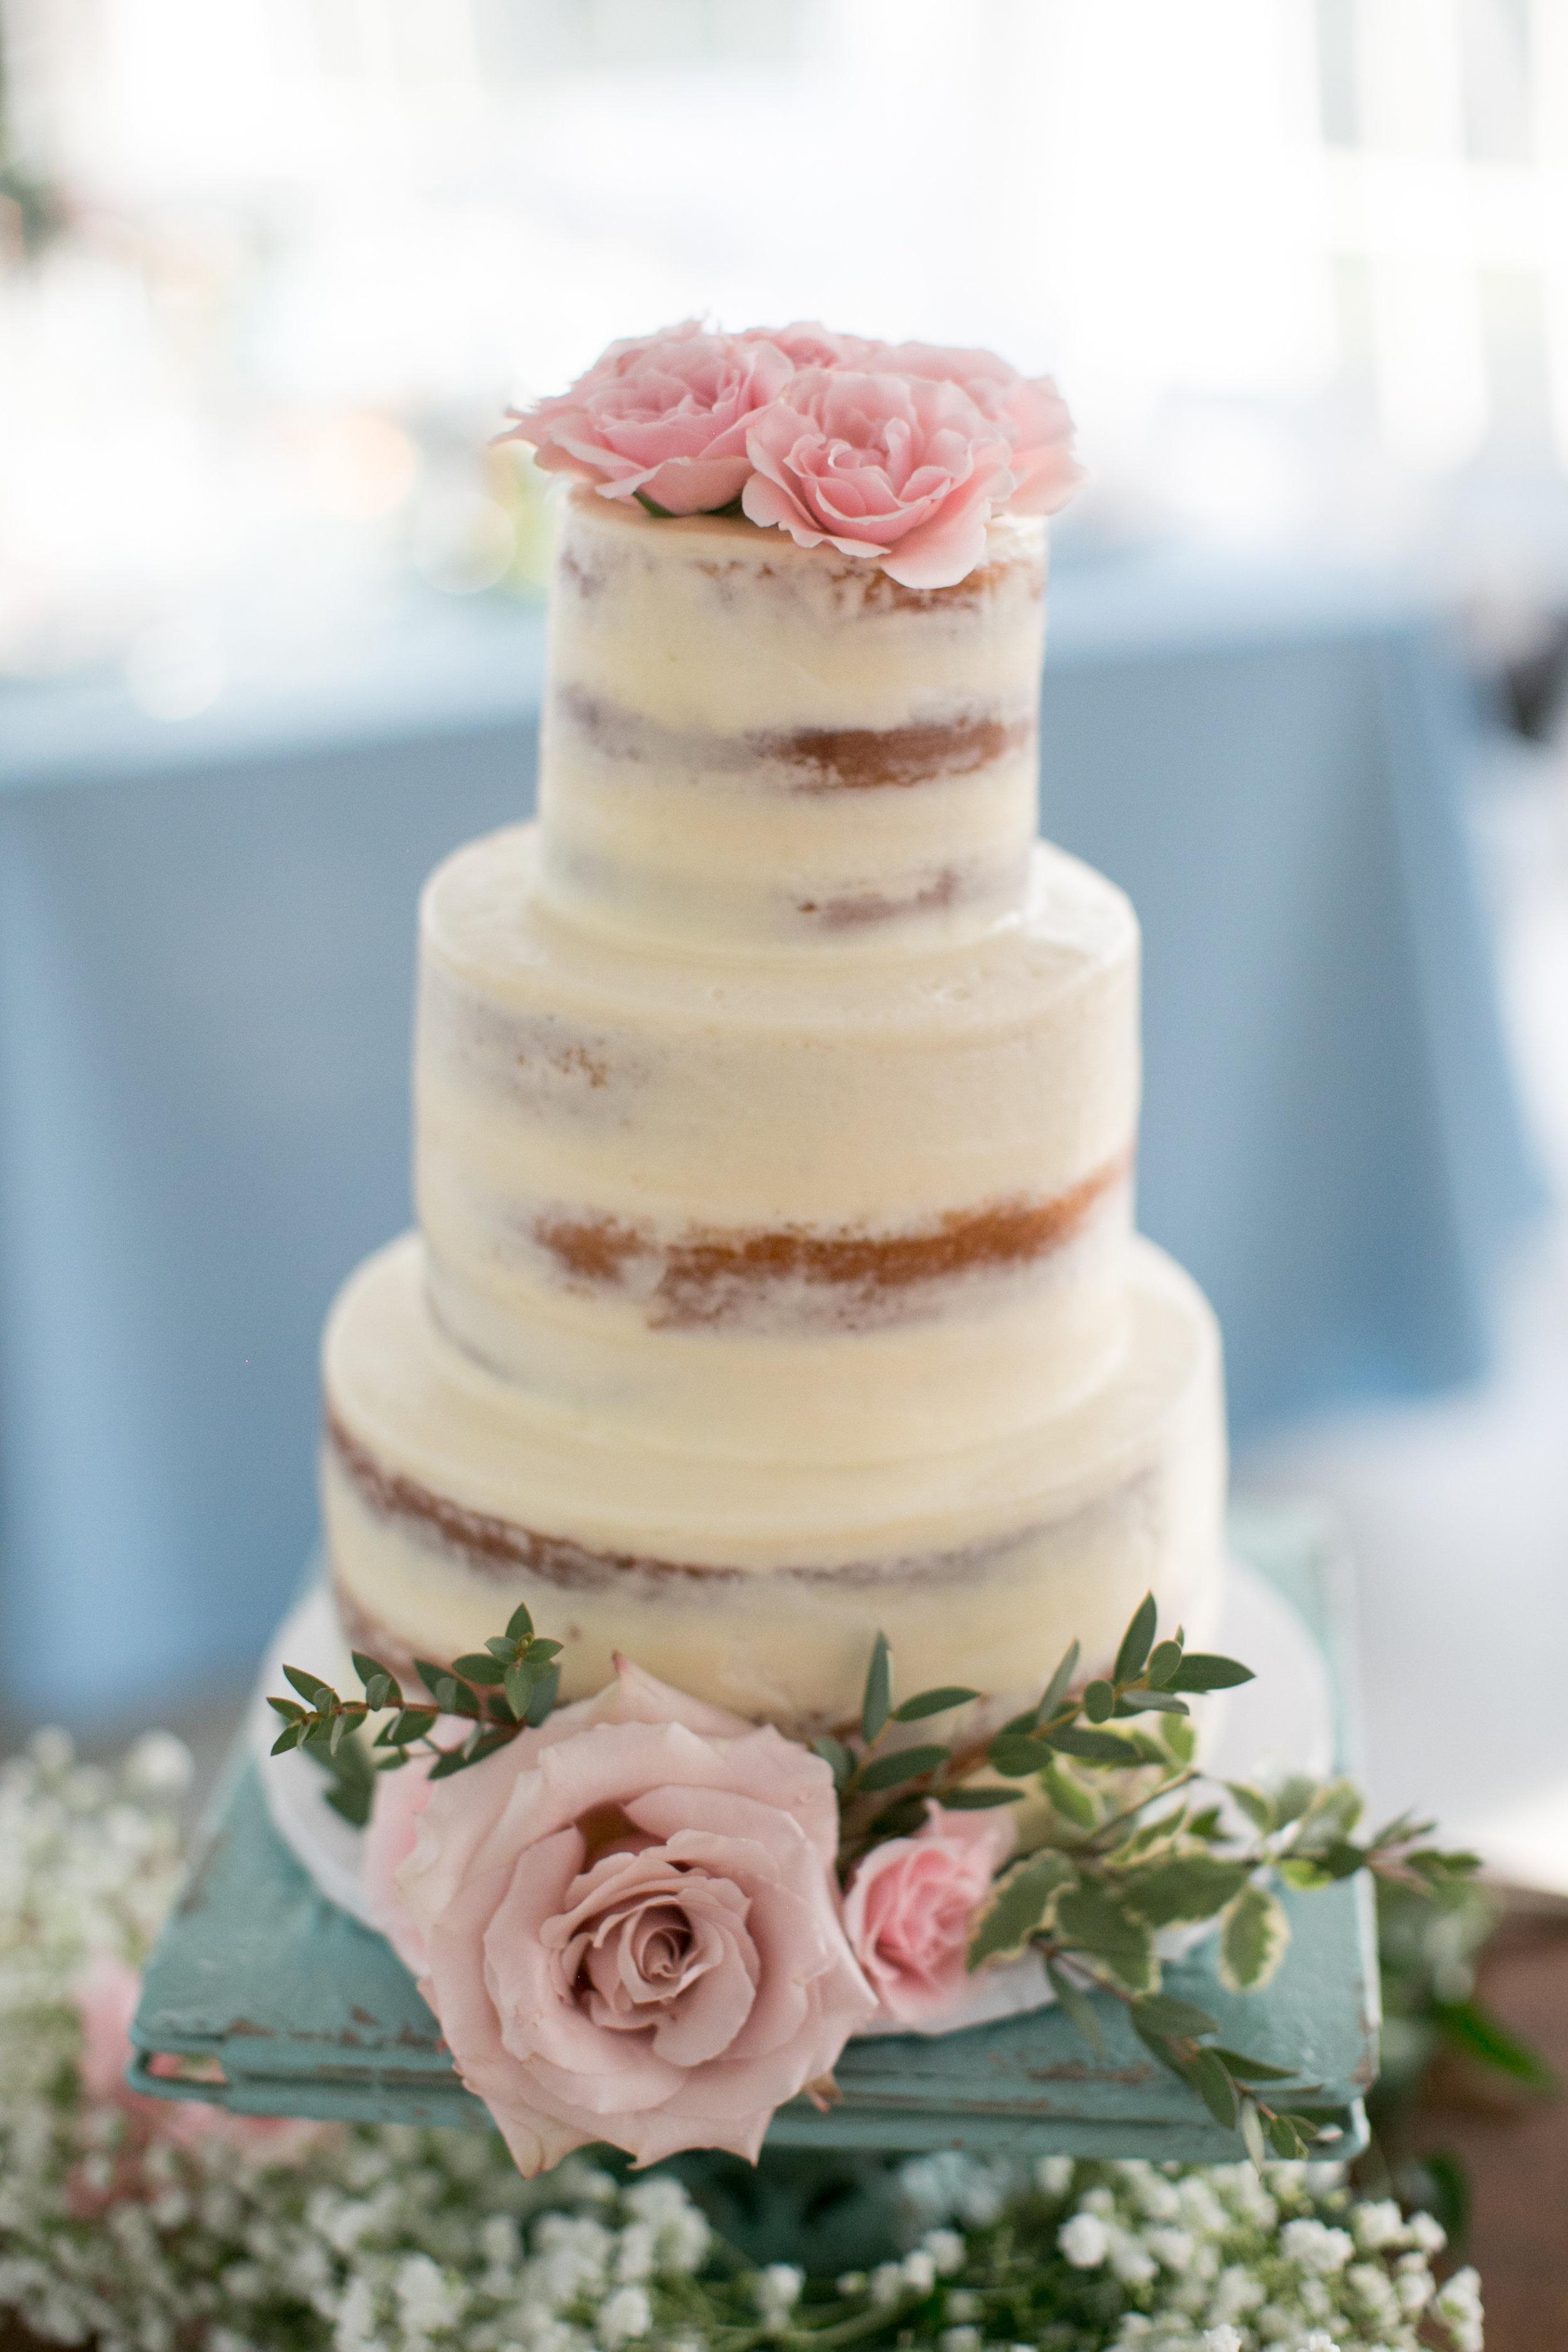 Semi-Naked Cake